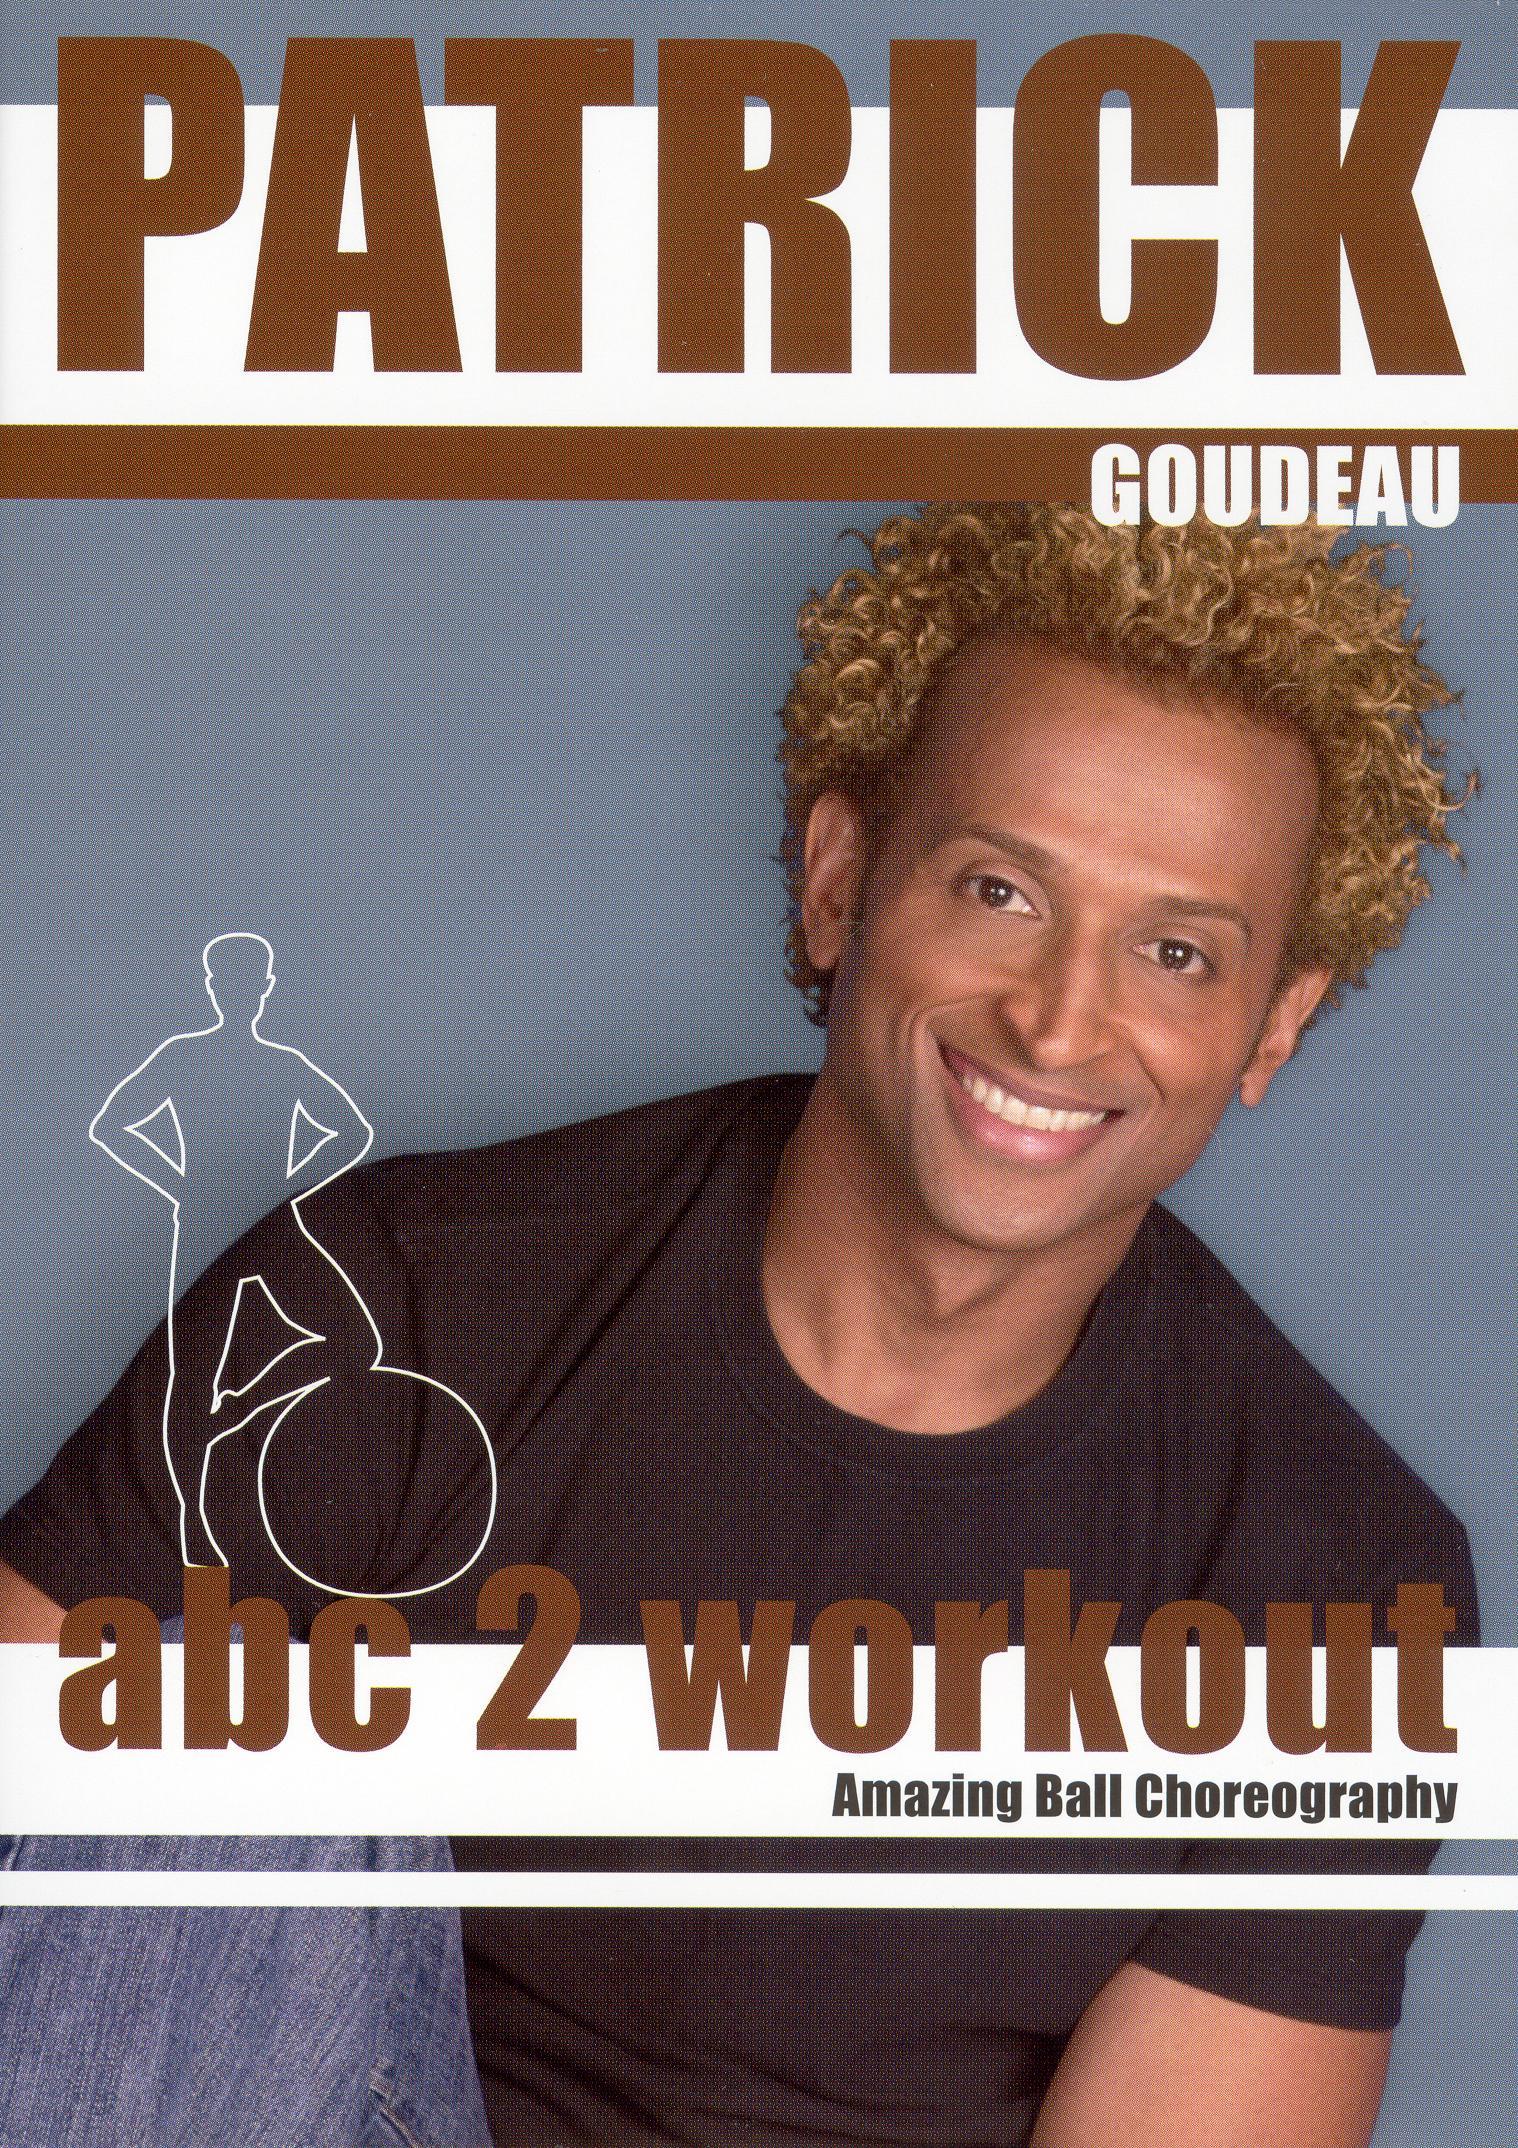 Patrick Goudeau: ABC2 Workout with Patrick Goudeau